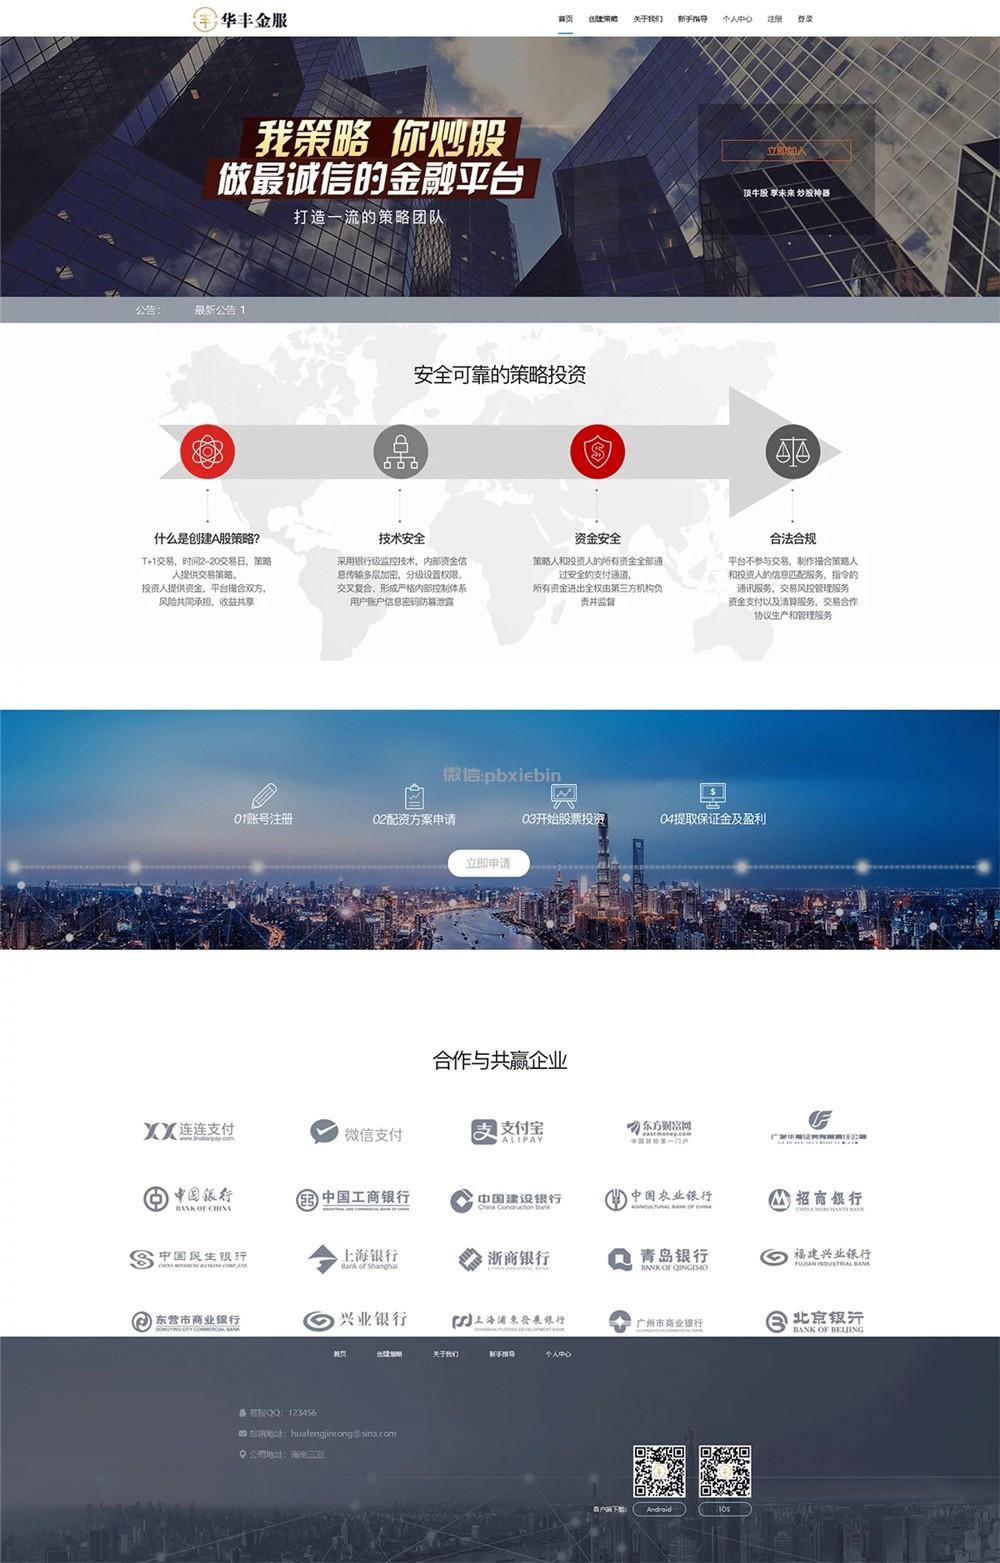 免费丨完整VUE的股票配资系统/点策略网站源码免费下载